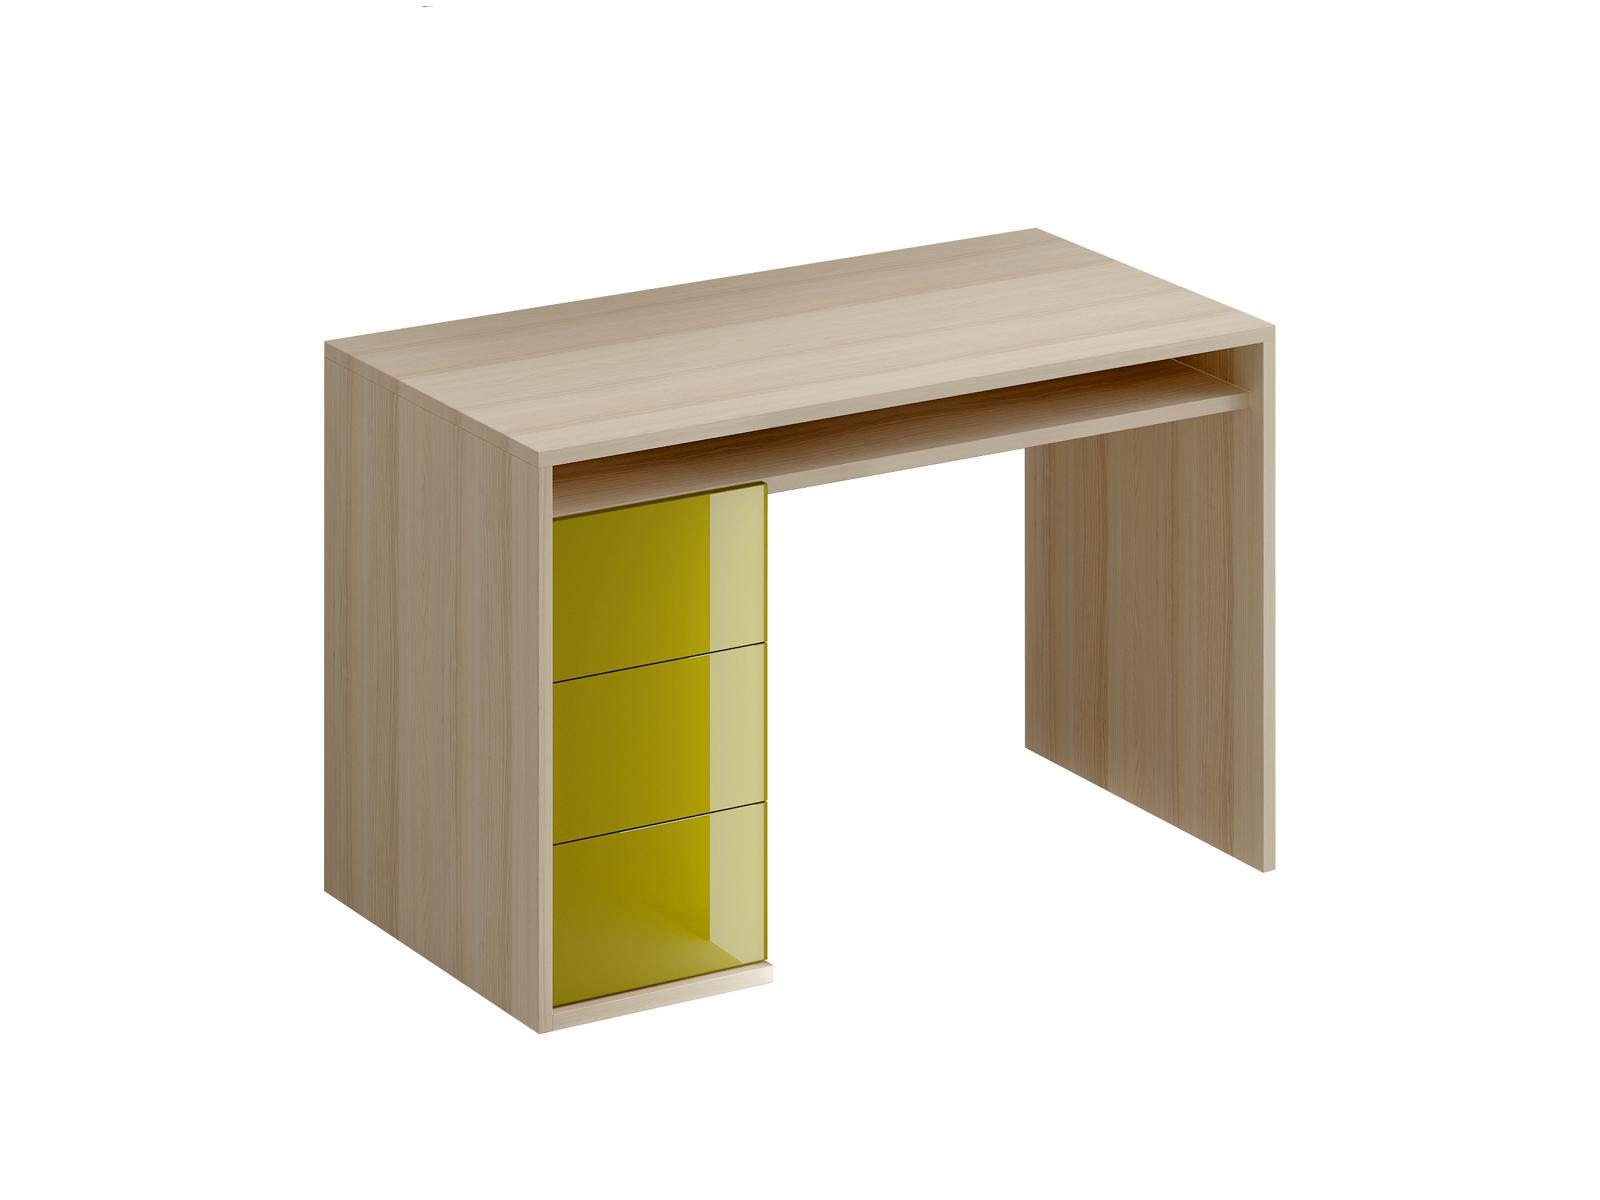 Стол письменный Mix PlusПисьменные столы<br>Стол письменный с одной тумбой. В тумбе расположено три выдвижных ящика. Под столешницей имеется ниша. В столешнице имеется отверствие для вывода кабеля.<br><br>Material: ДСП<br>Ширина см: 118<br>Высота см: 76<br>Глубина см: 60